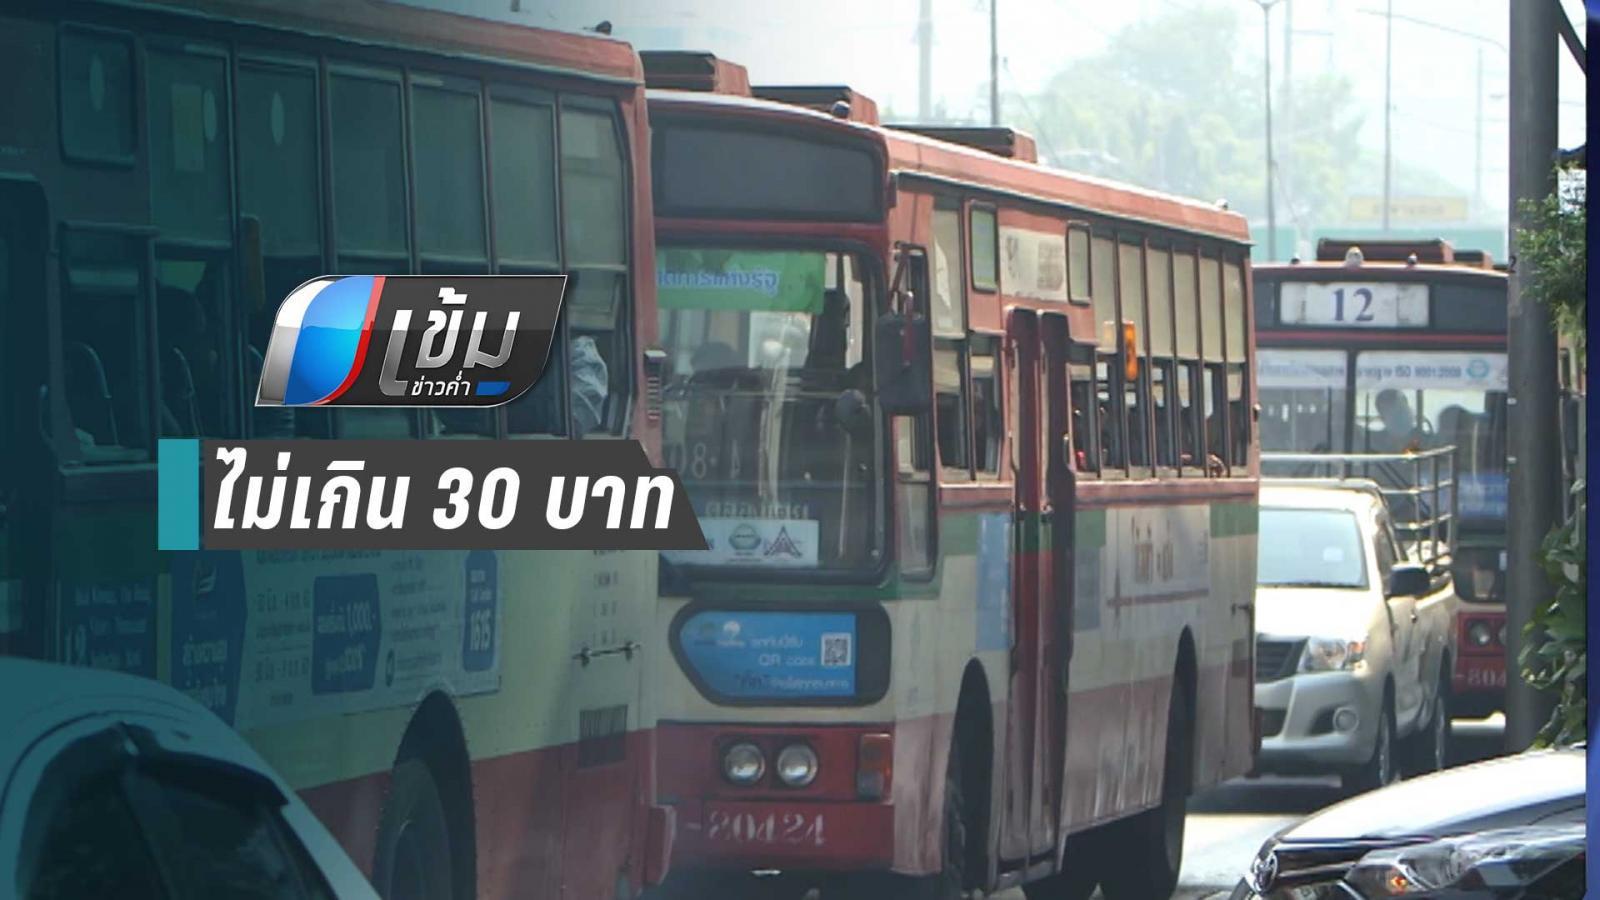 ขสมก.ยันแผนฟื้นฟูองค์กร ช่วย ปชช.ได้ใช้รถเมล์ใหม่ ราคาไม่เกิน 30 บาท/วัน